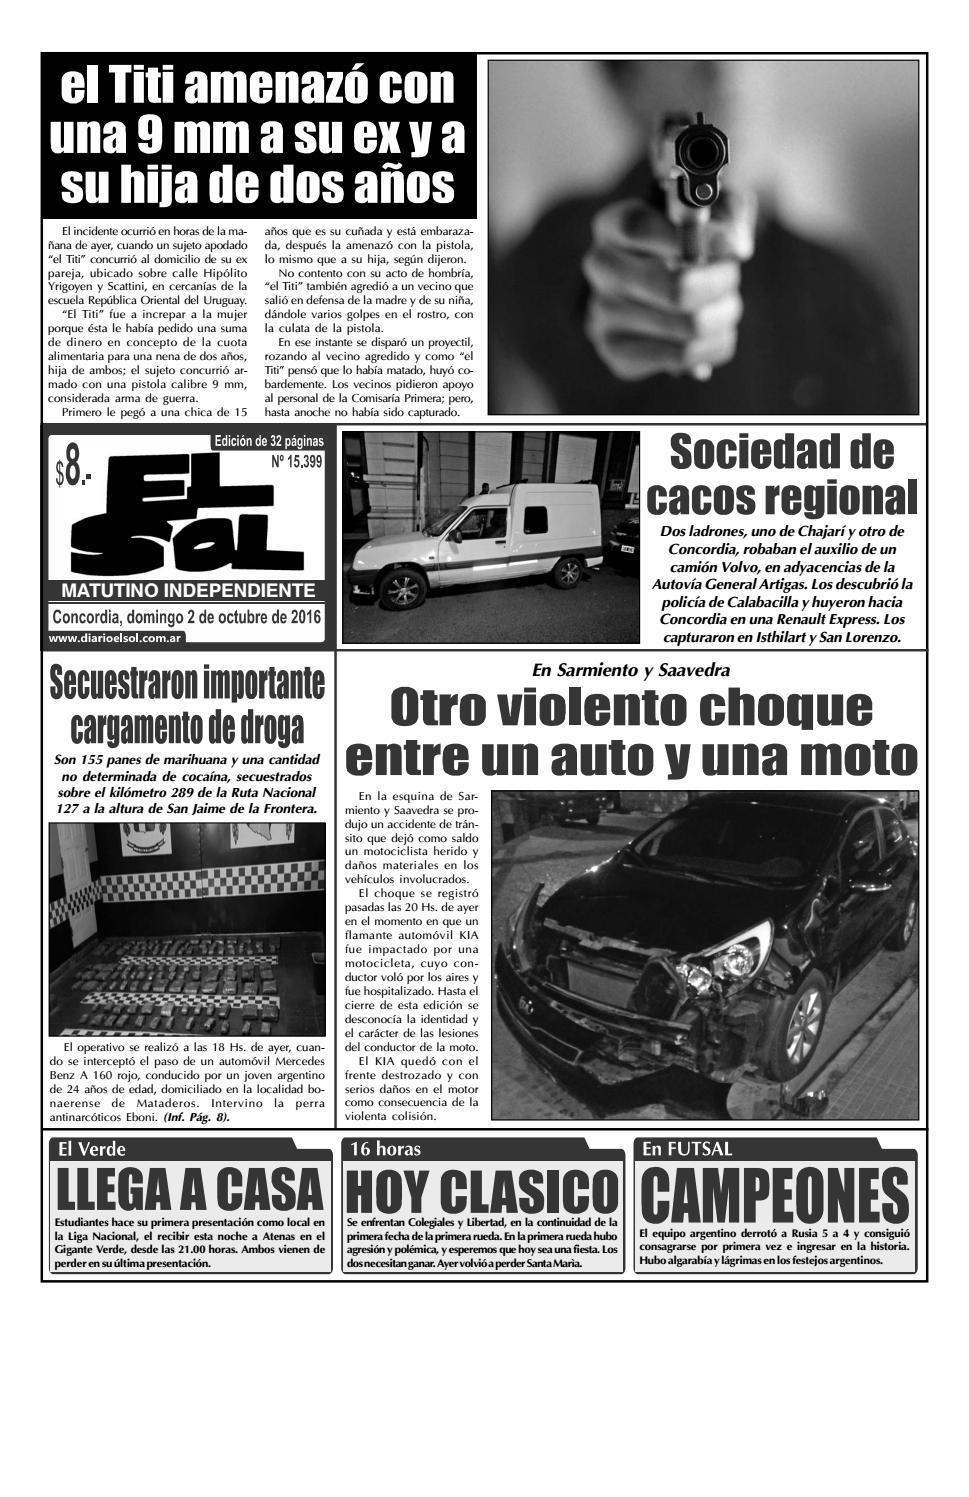 zapatillas salomon argentina precios okm montevideo zip